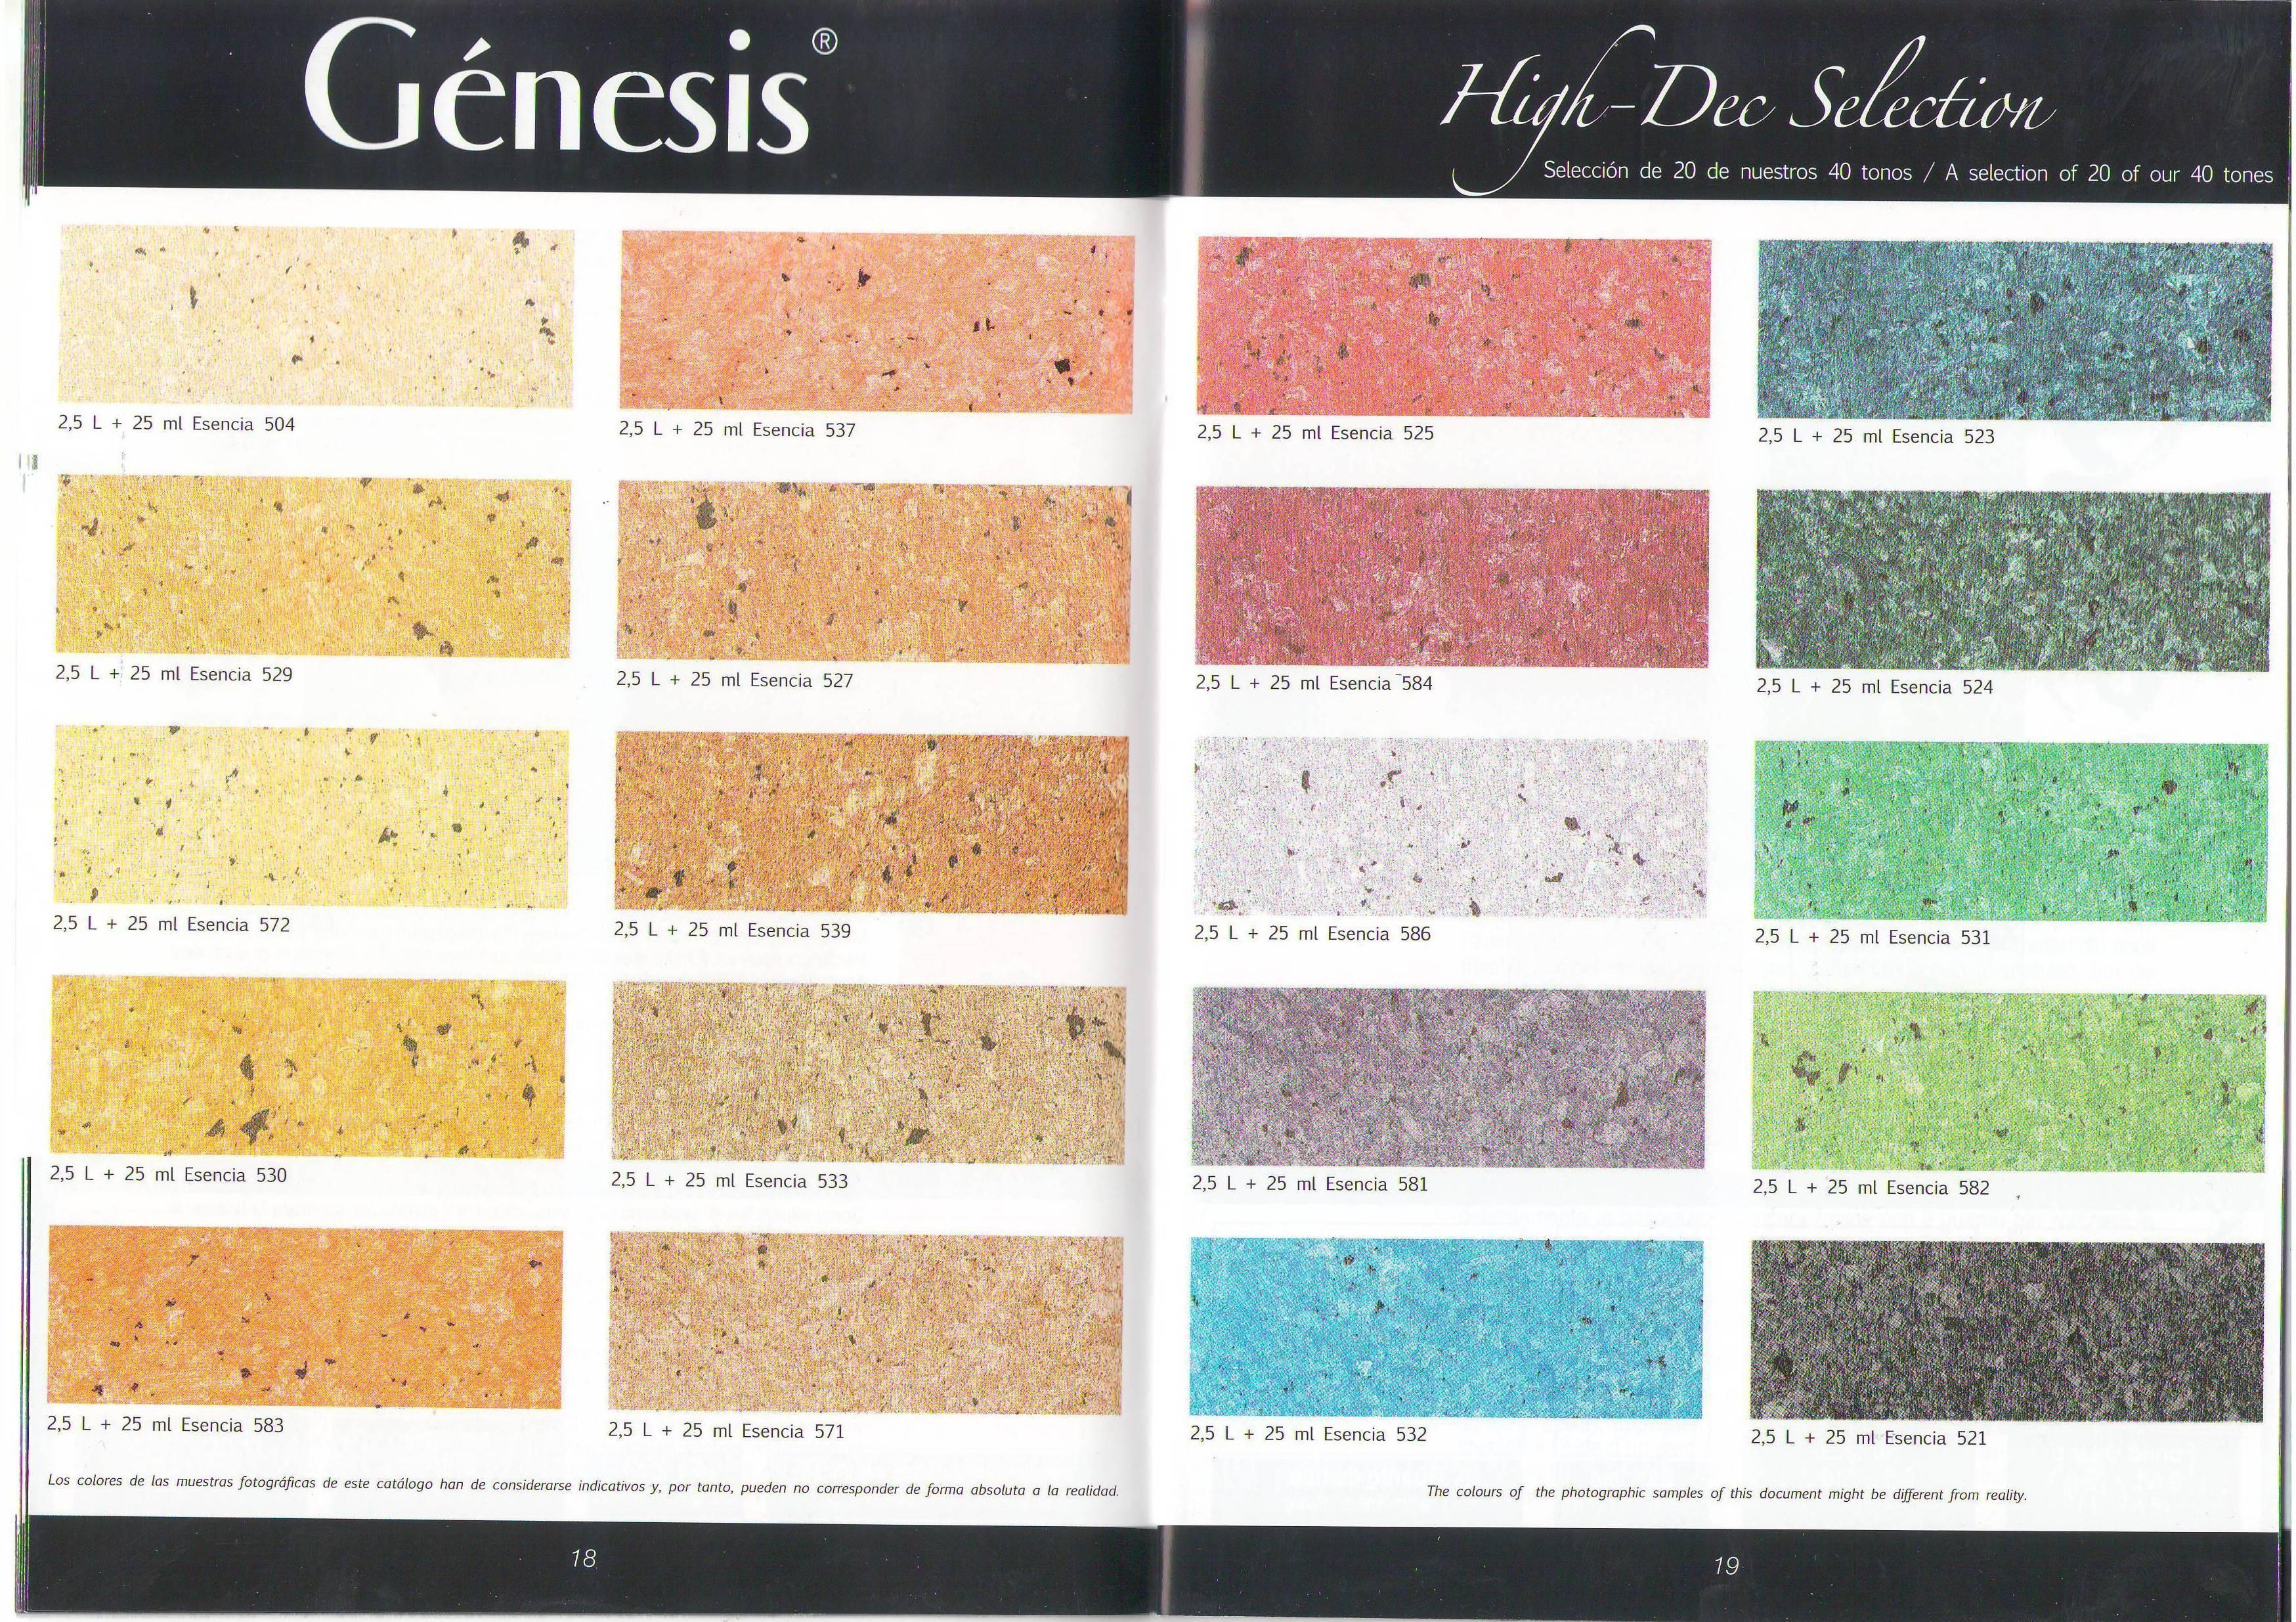 Genesis OSAKA en tienda de pinturas en ventas.